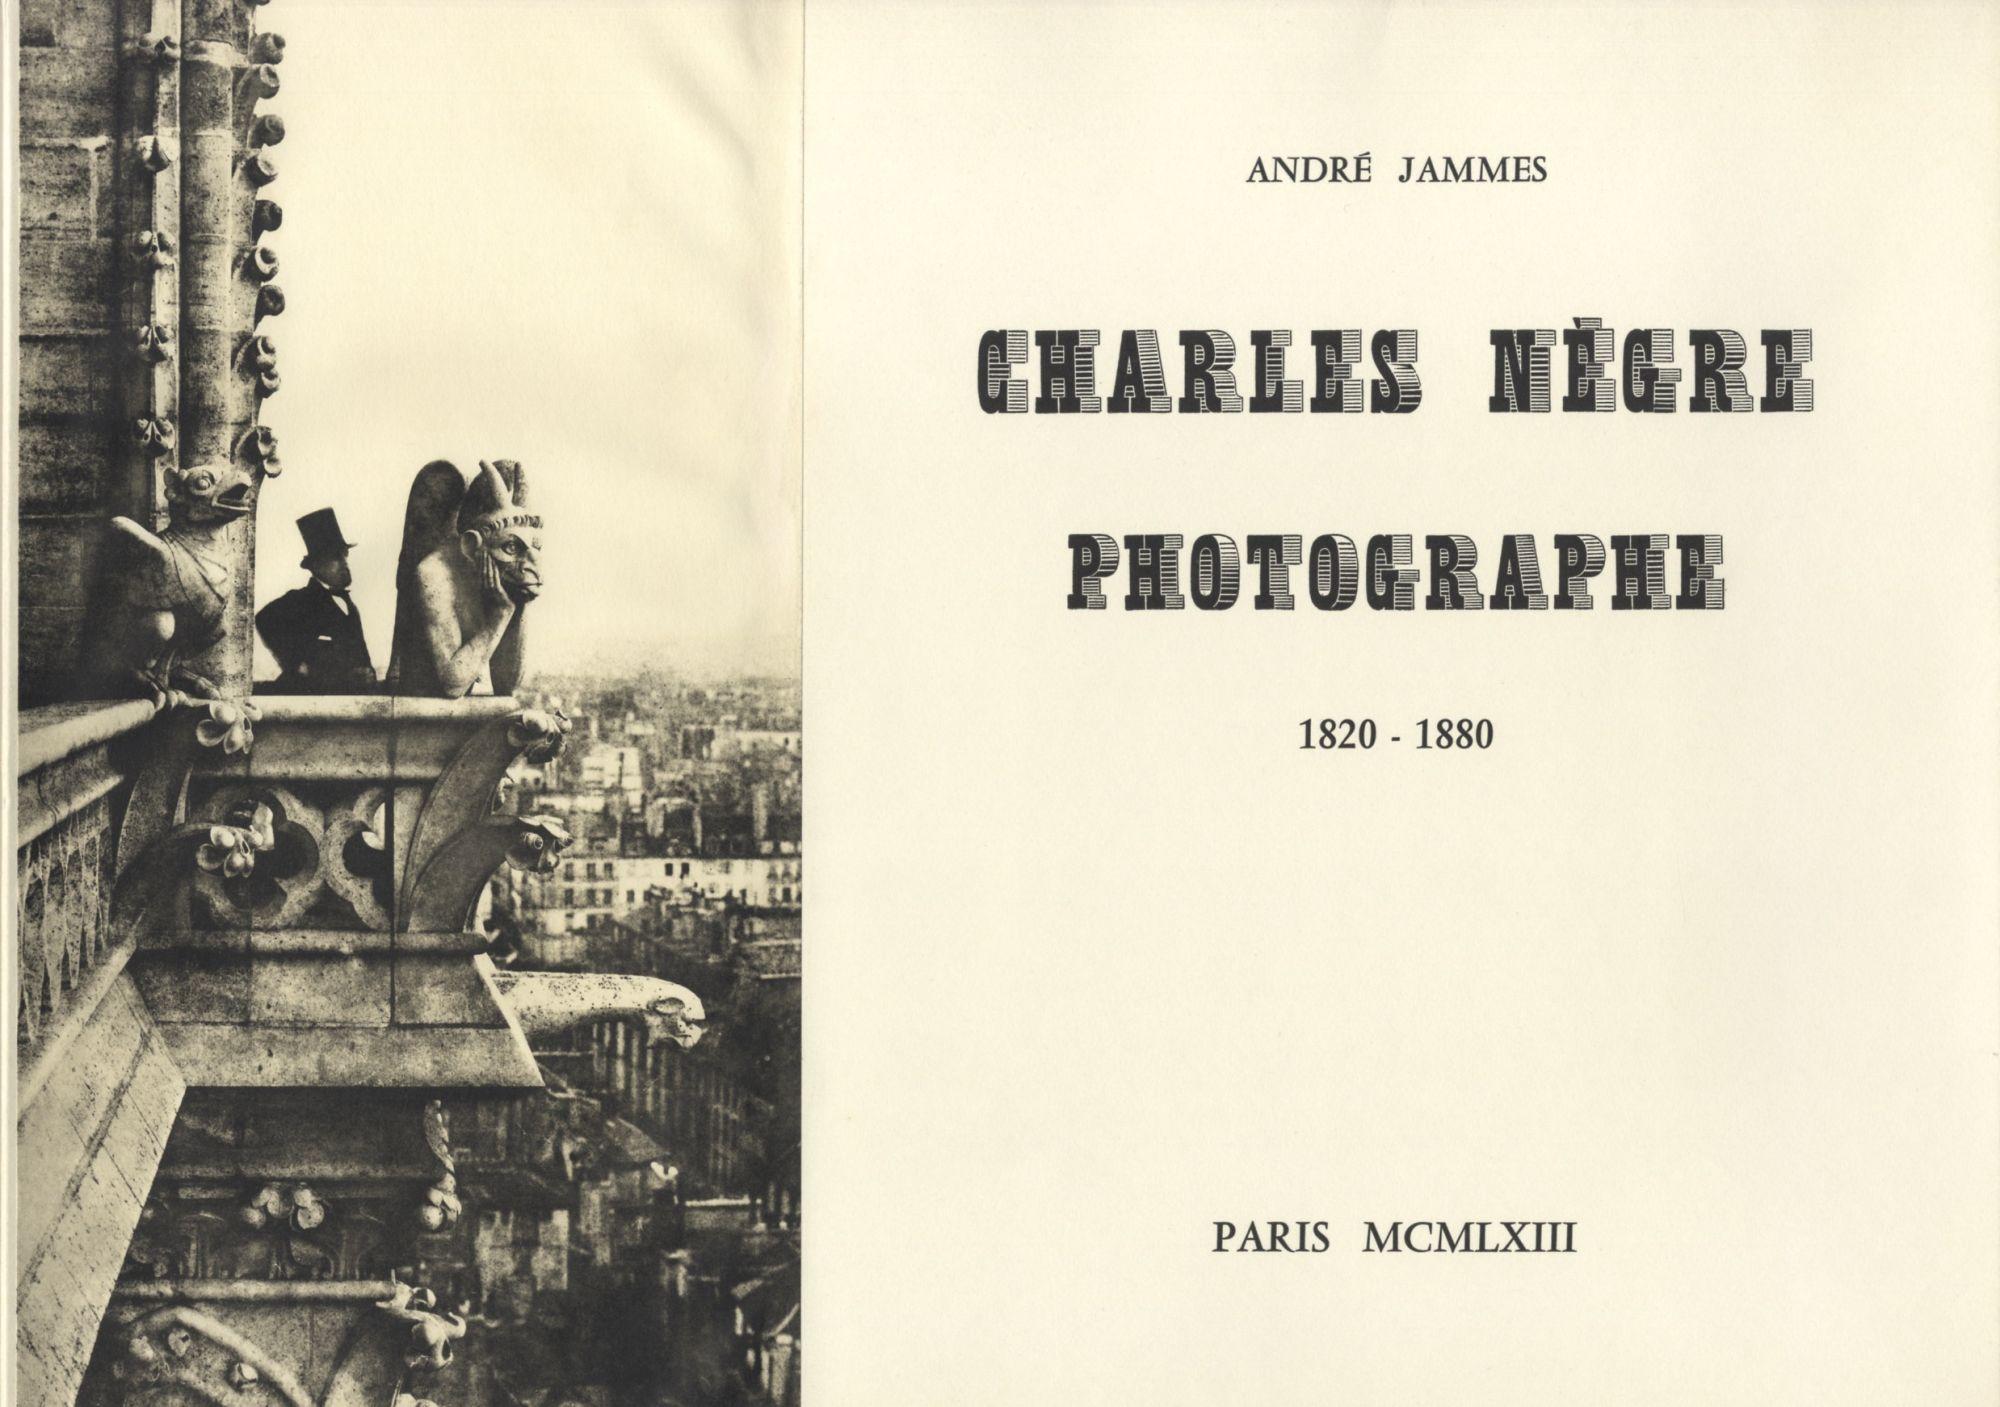 CHARLES NÈGRE PHOTOGRAPHE, 1820-1880.; Preface by Jean Adhémar [NÈGRE]. Jammes, André